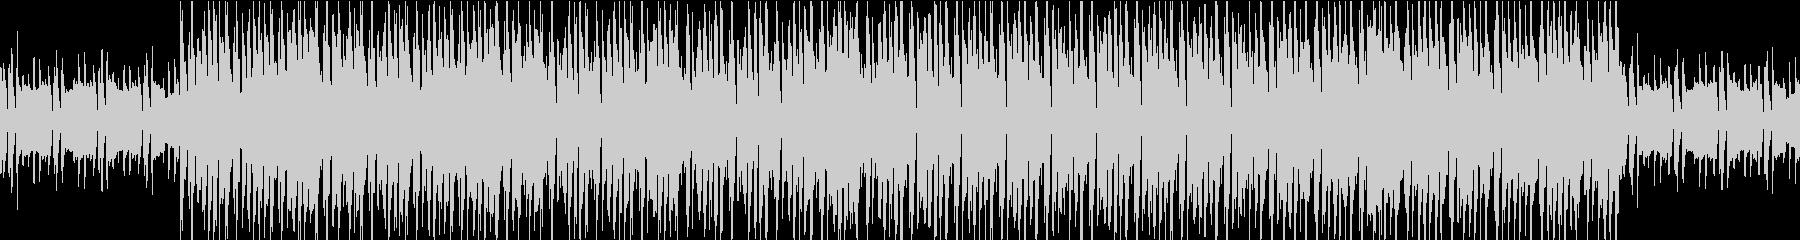 シンプルクールなシンセの未再生の波形